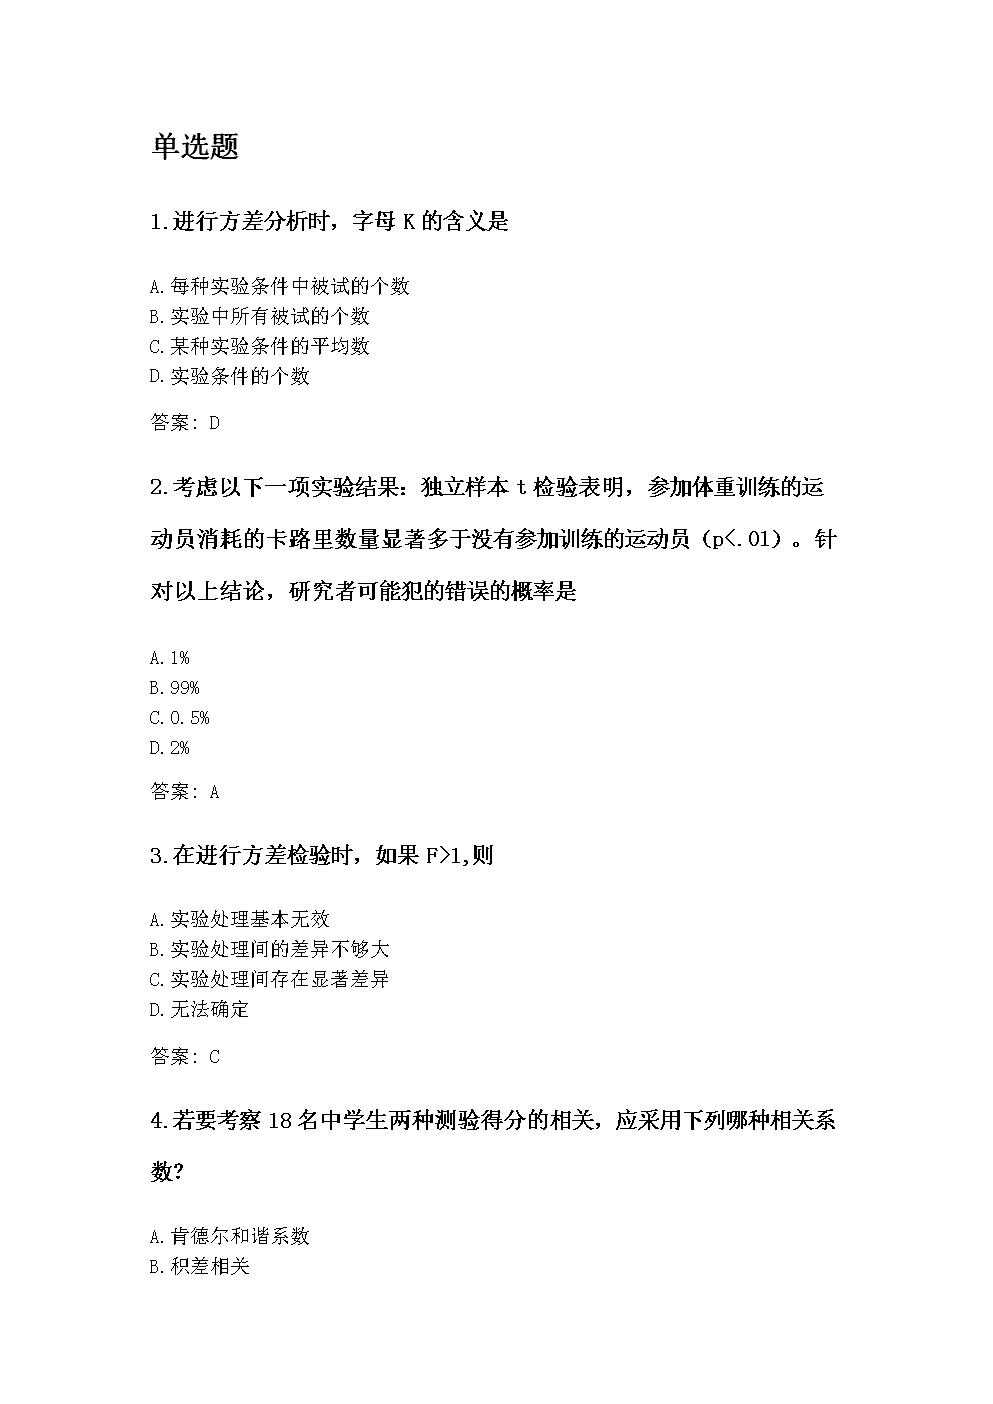 奥鹏东北师范大学2020年9月《心理统计学》考前练兵.doc